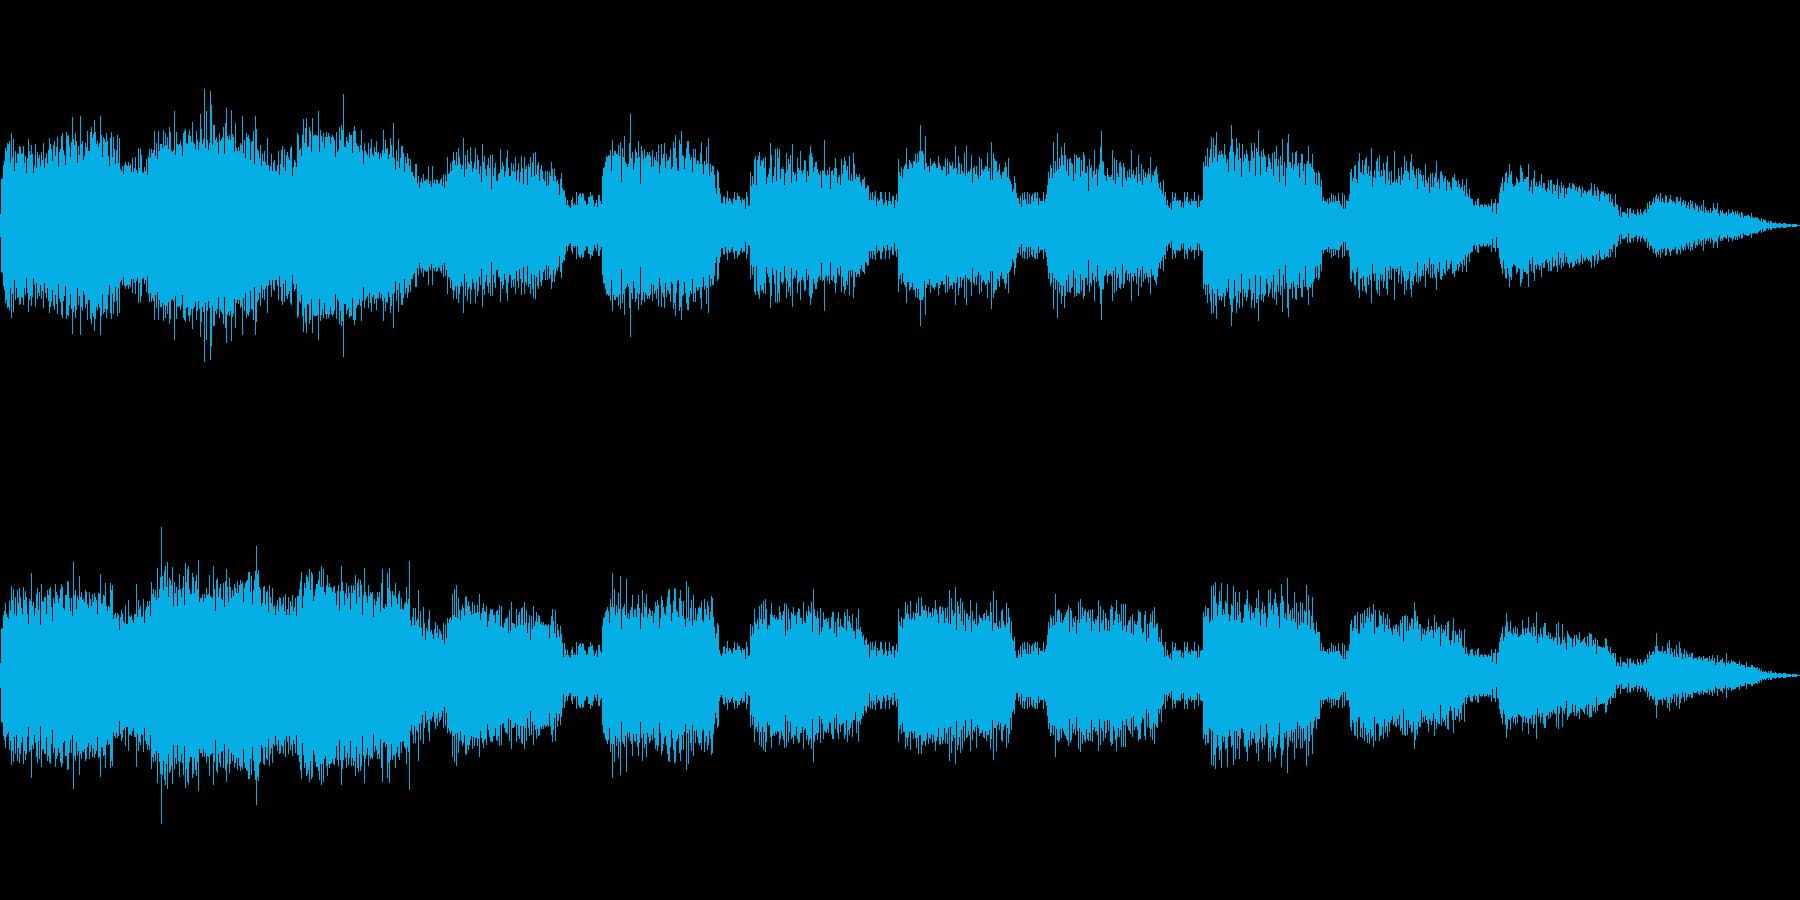 SF/アラート/ロボット/故障/分析の再生済みの波形